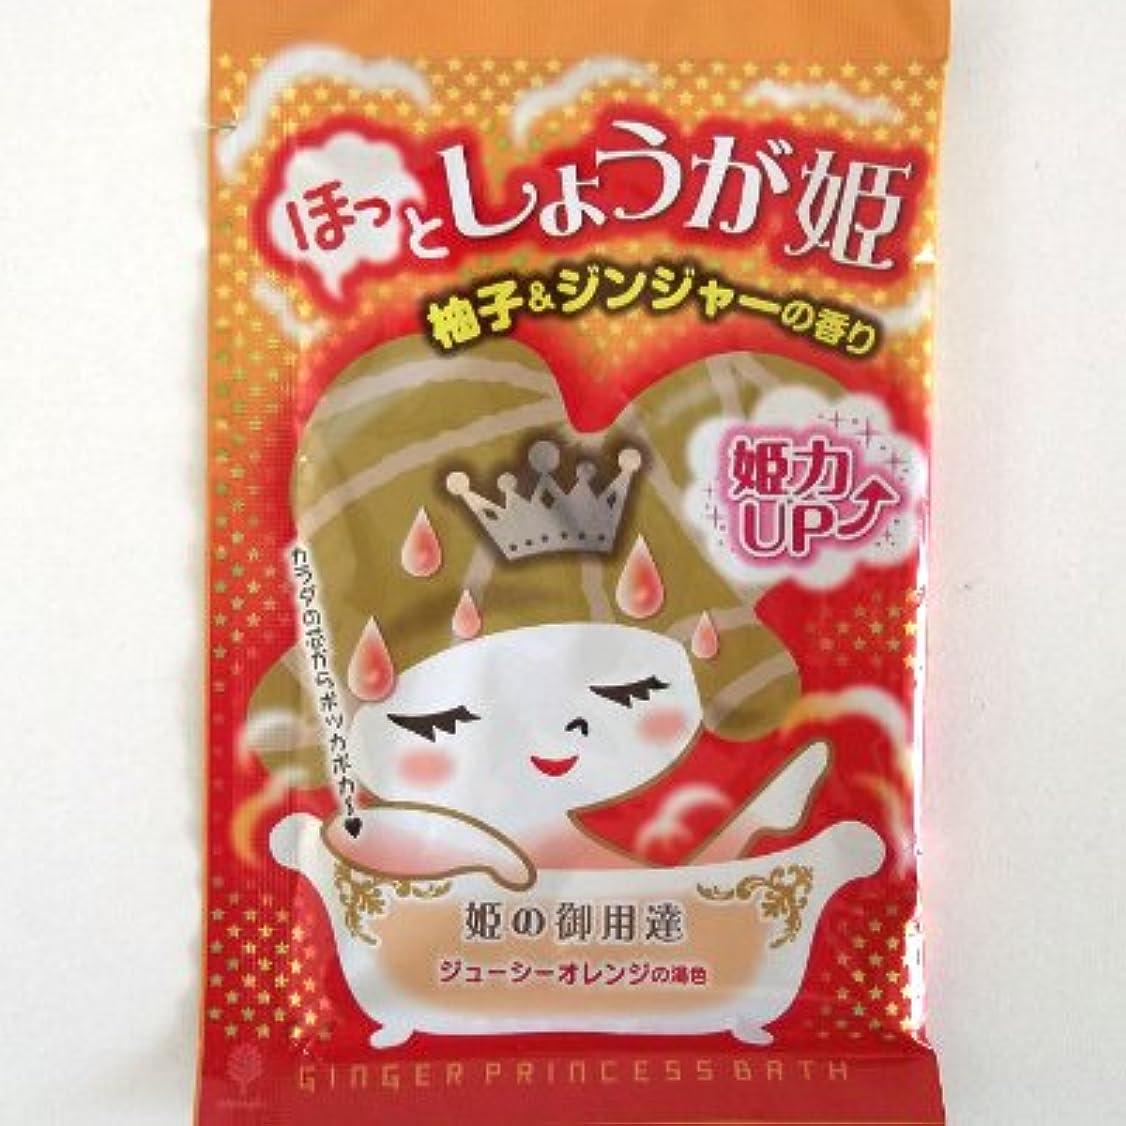 クロール勧める初期のほっとしょうが姫 柚子&ジンジャーの香り